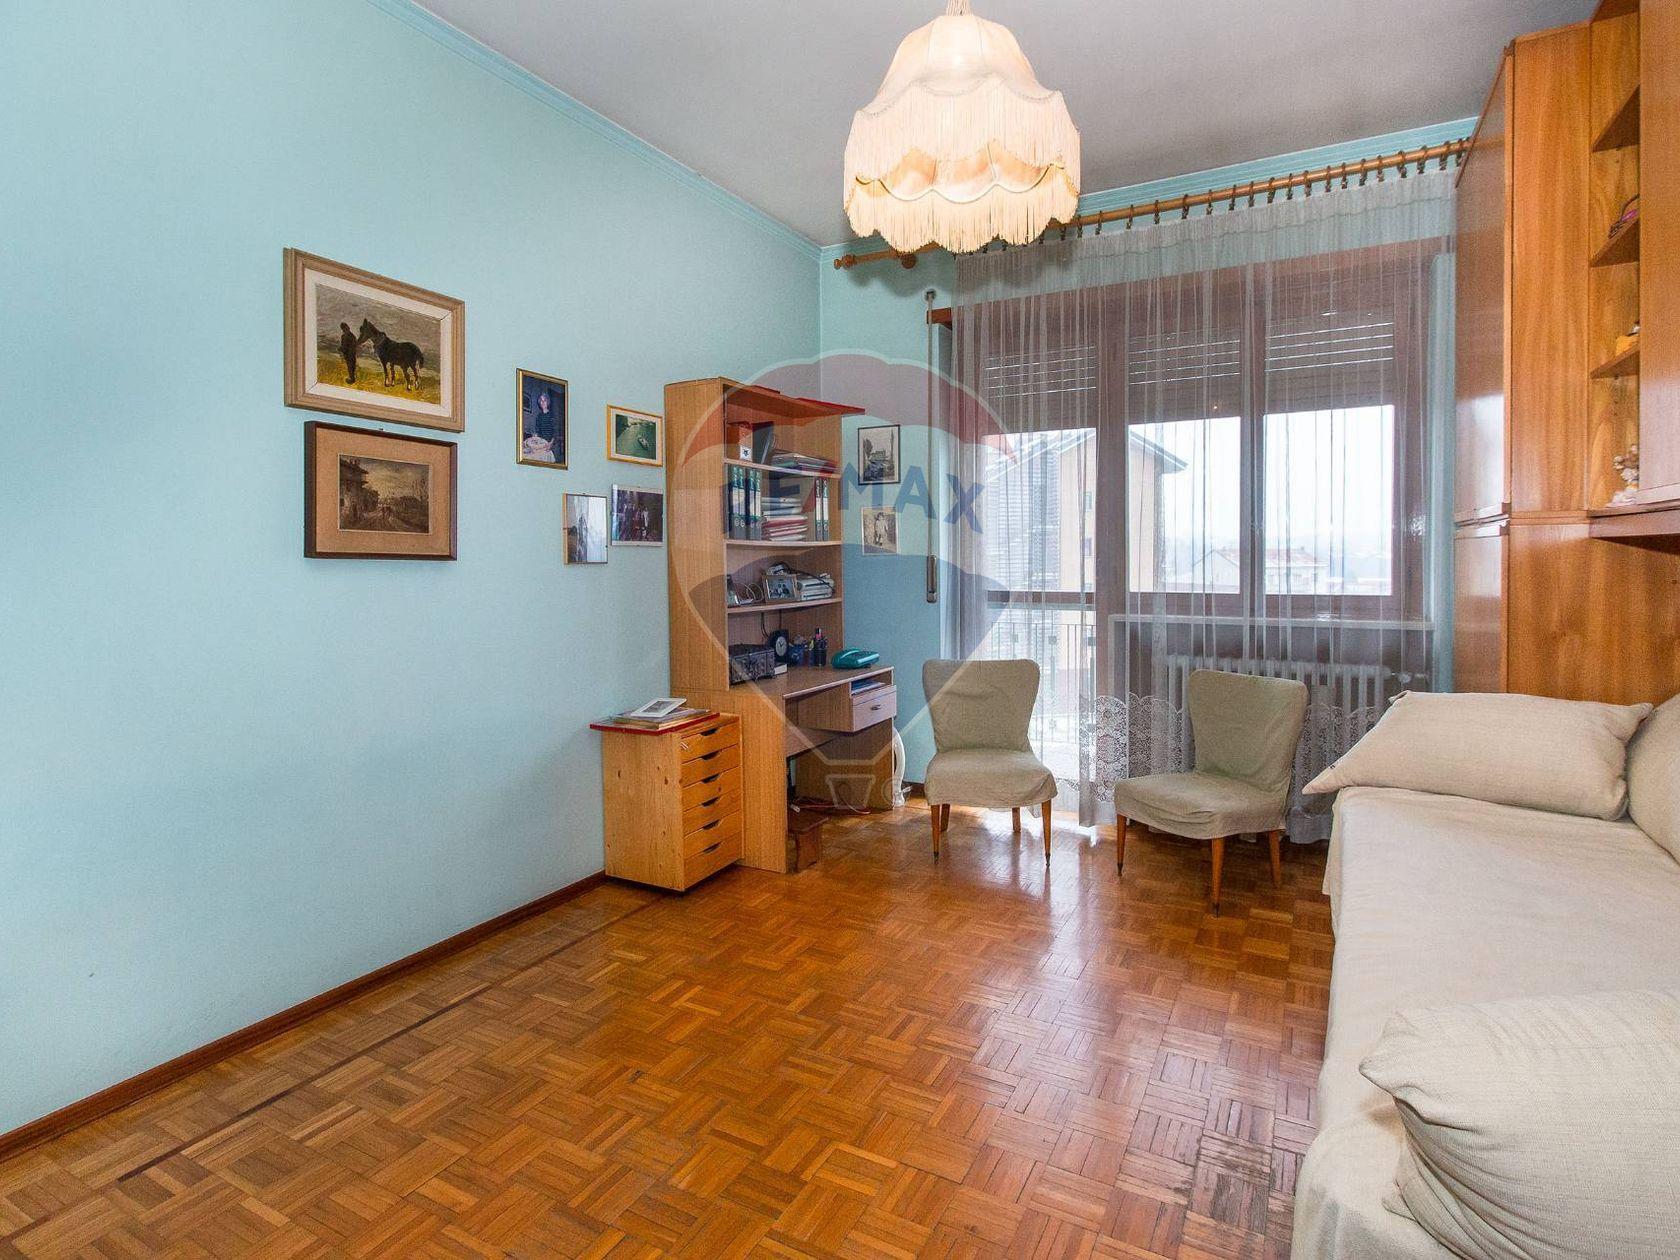 Appartamento San Pietro, Moncalieri, TO Vendita - Foto 17